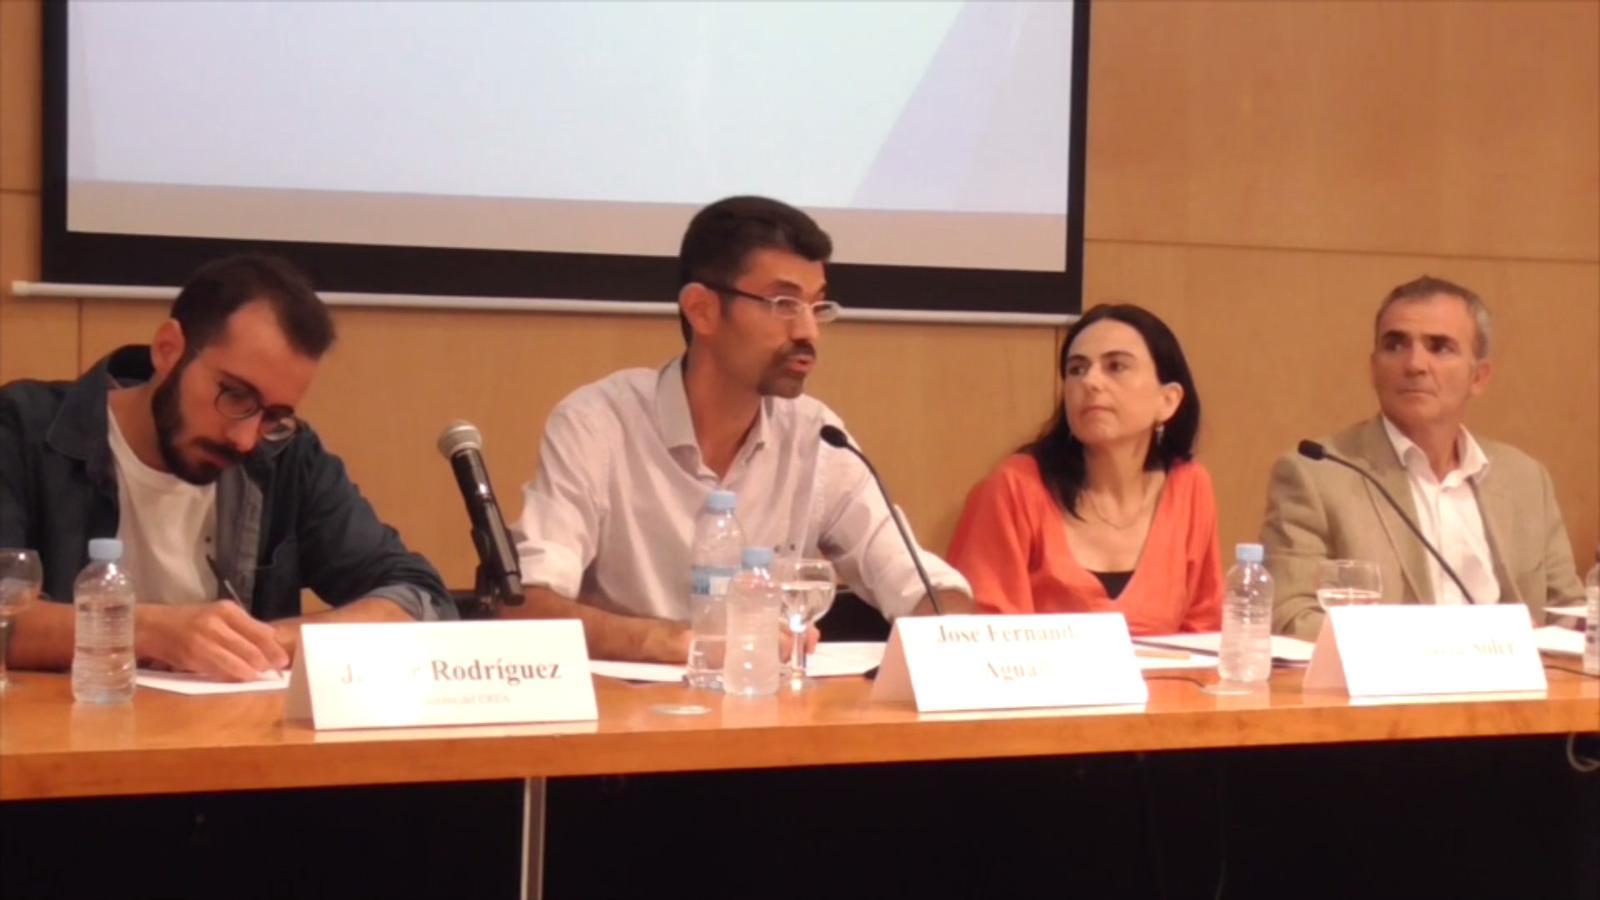 Segona roda del premsa del CREA per defensar-se de l'acusació de secta